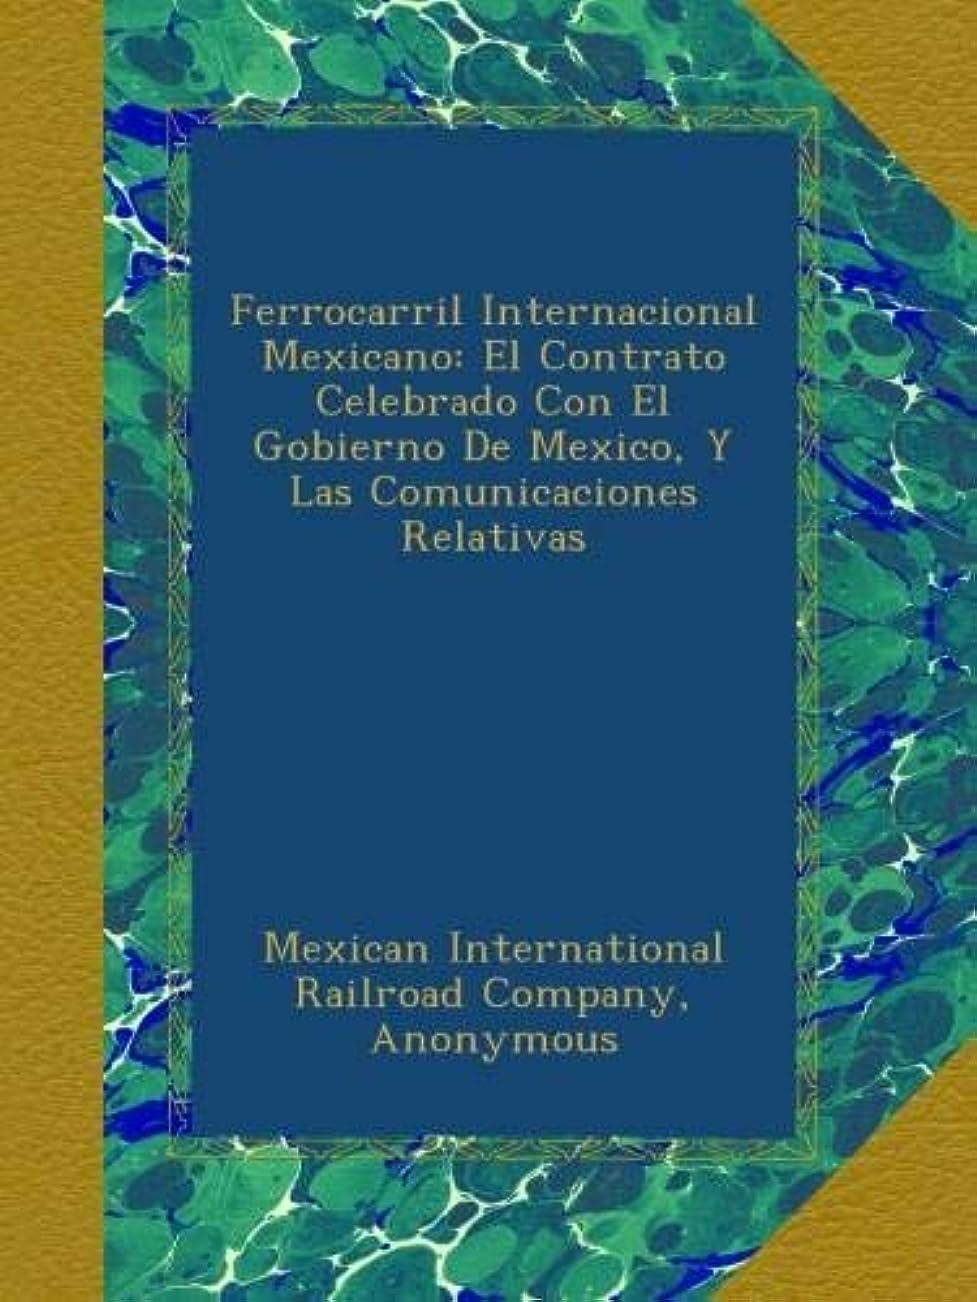 判決日光受粉者Ferrocarril Internacional Mexicano: El Contrato Celebrado Con El Gobierno De Mexico, Y Las Comunicaciones Relativas